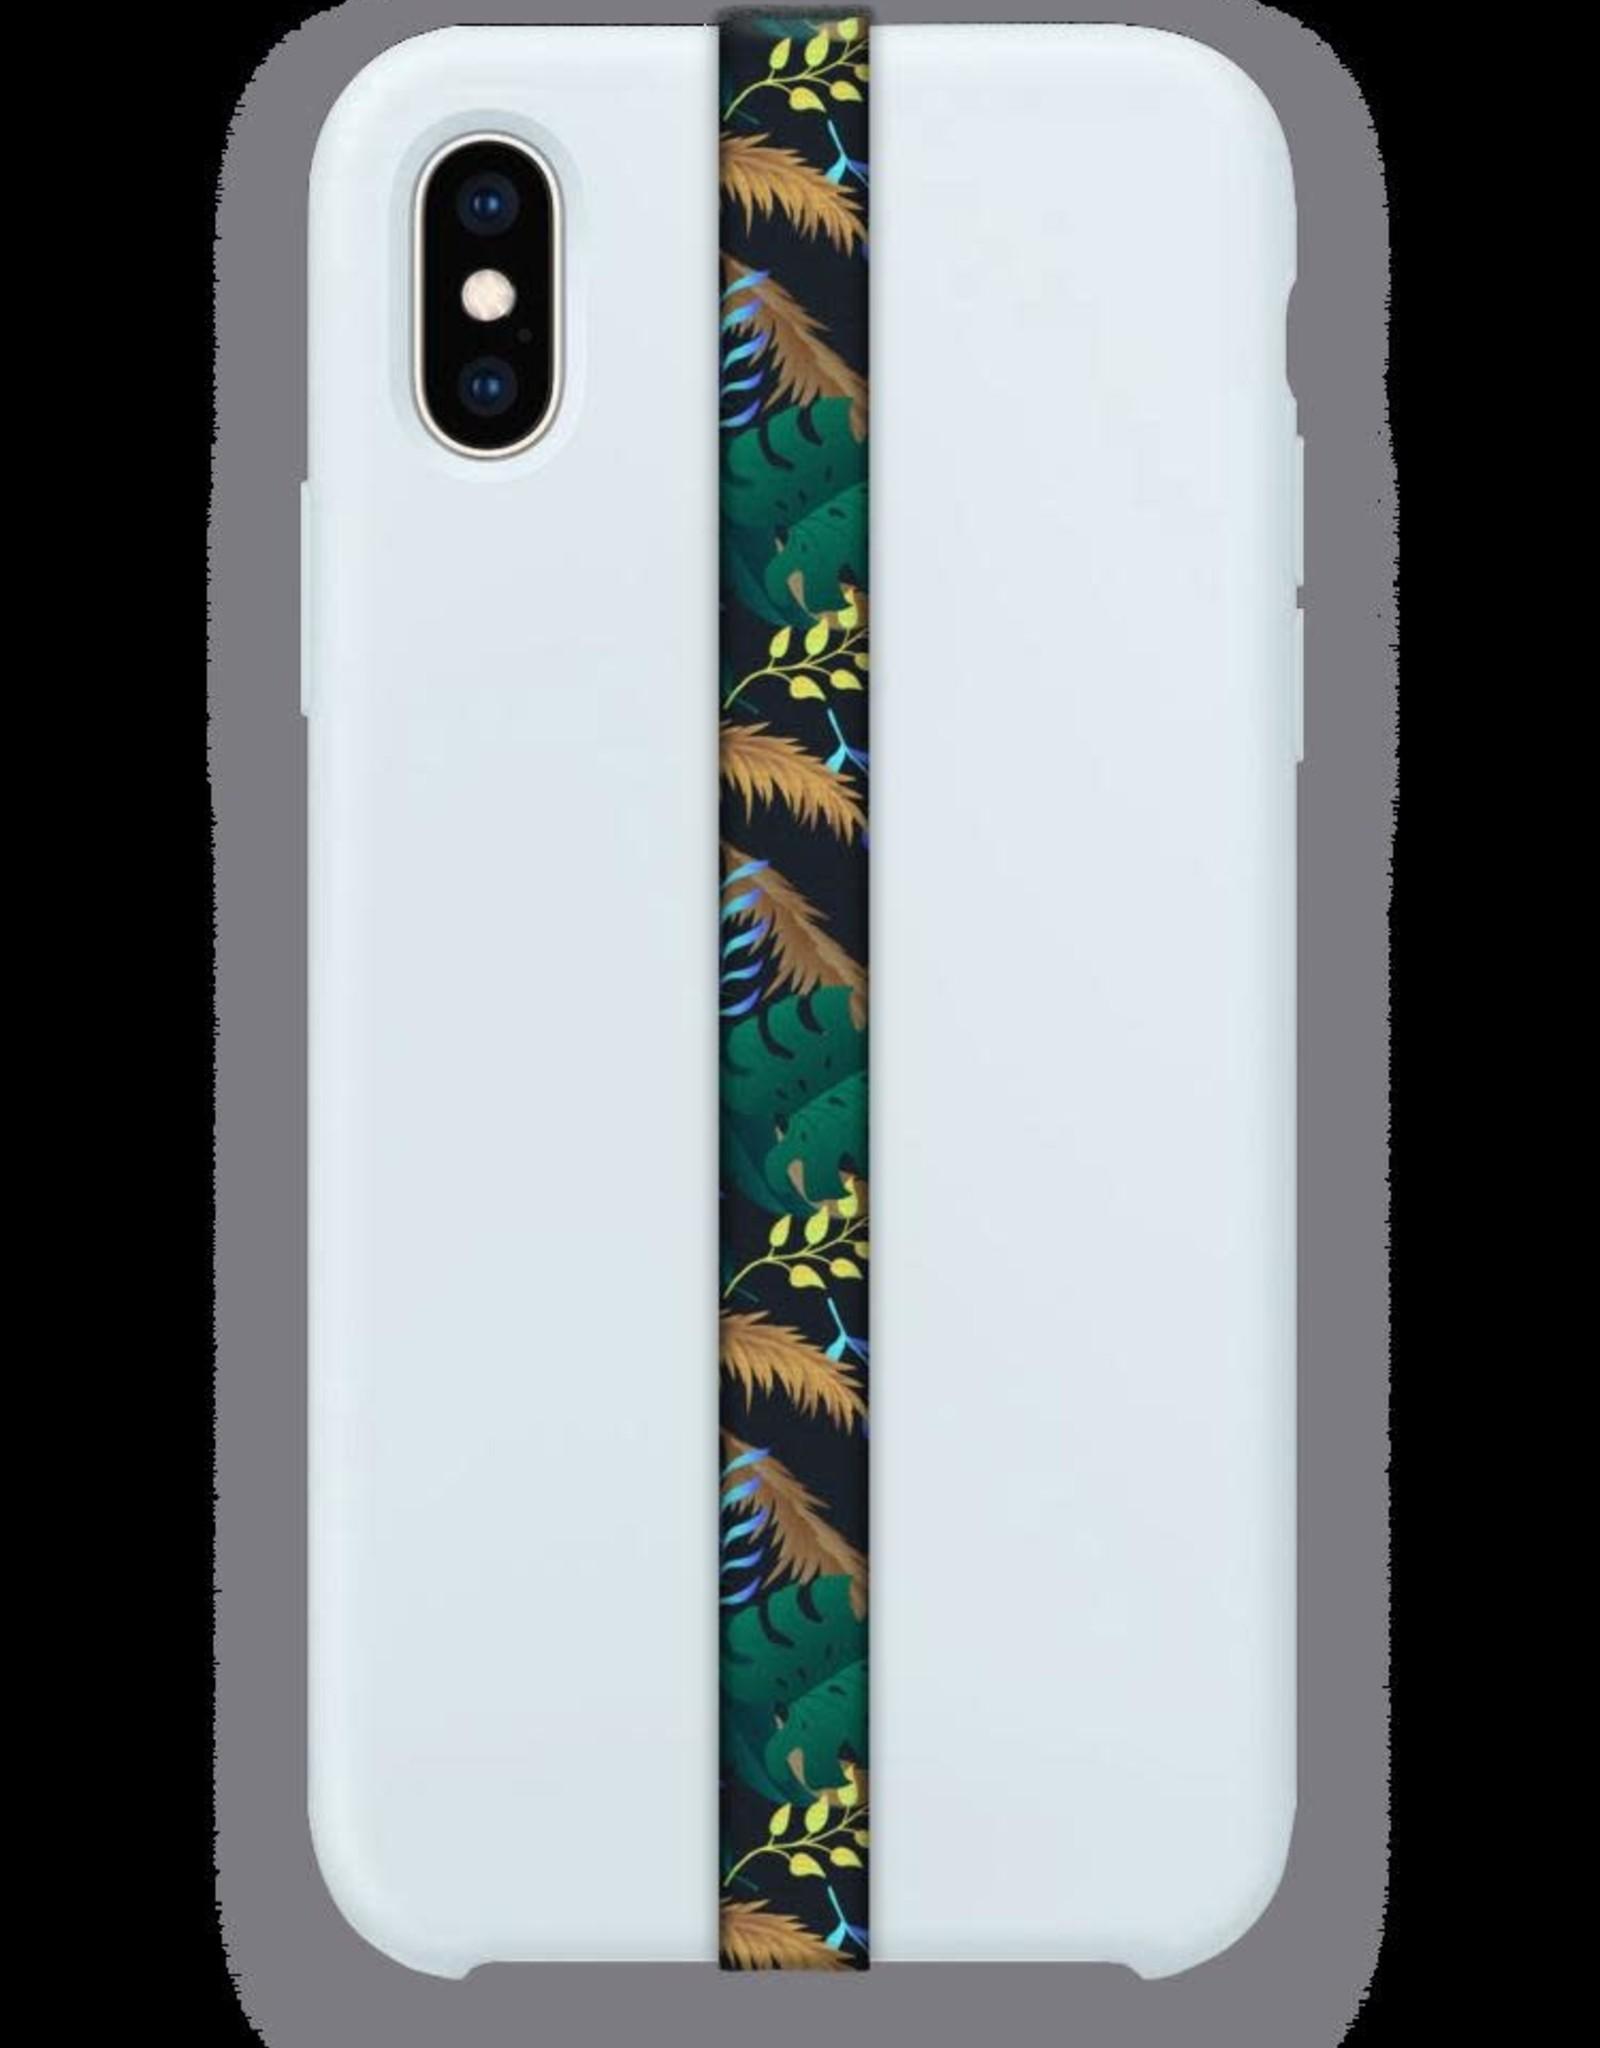 Sangle à cellulaire par Phone loops: Feuillages